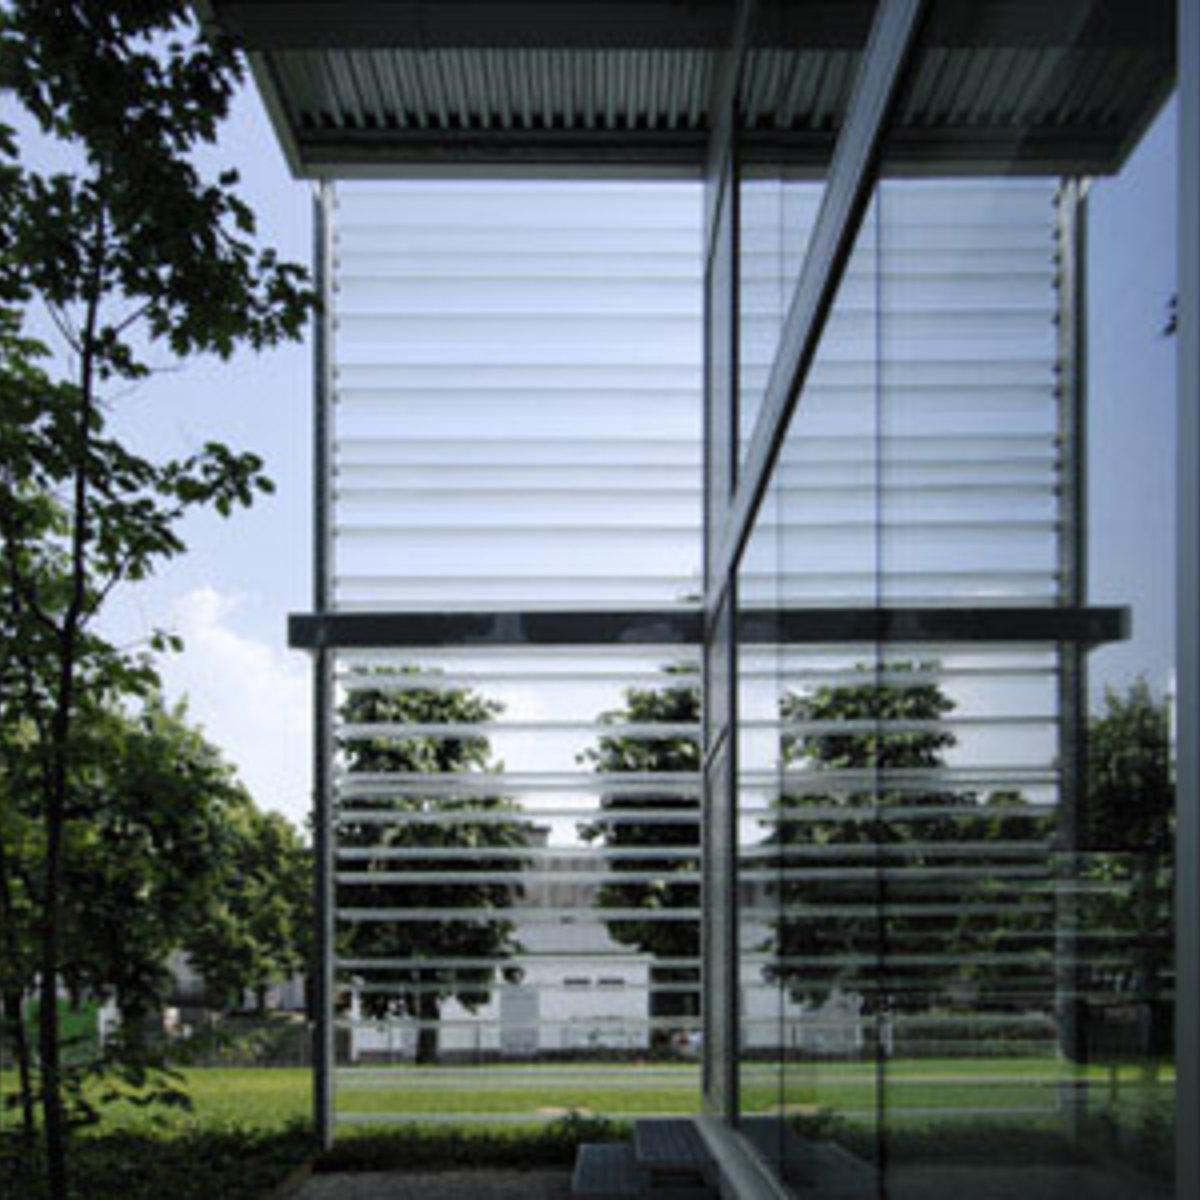 Living Divani Headquarters in Anzano del Parco, designed by Piero Lissoni, 2008